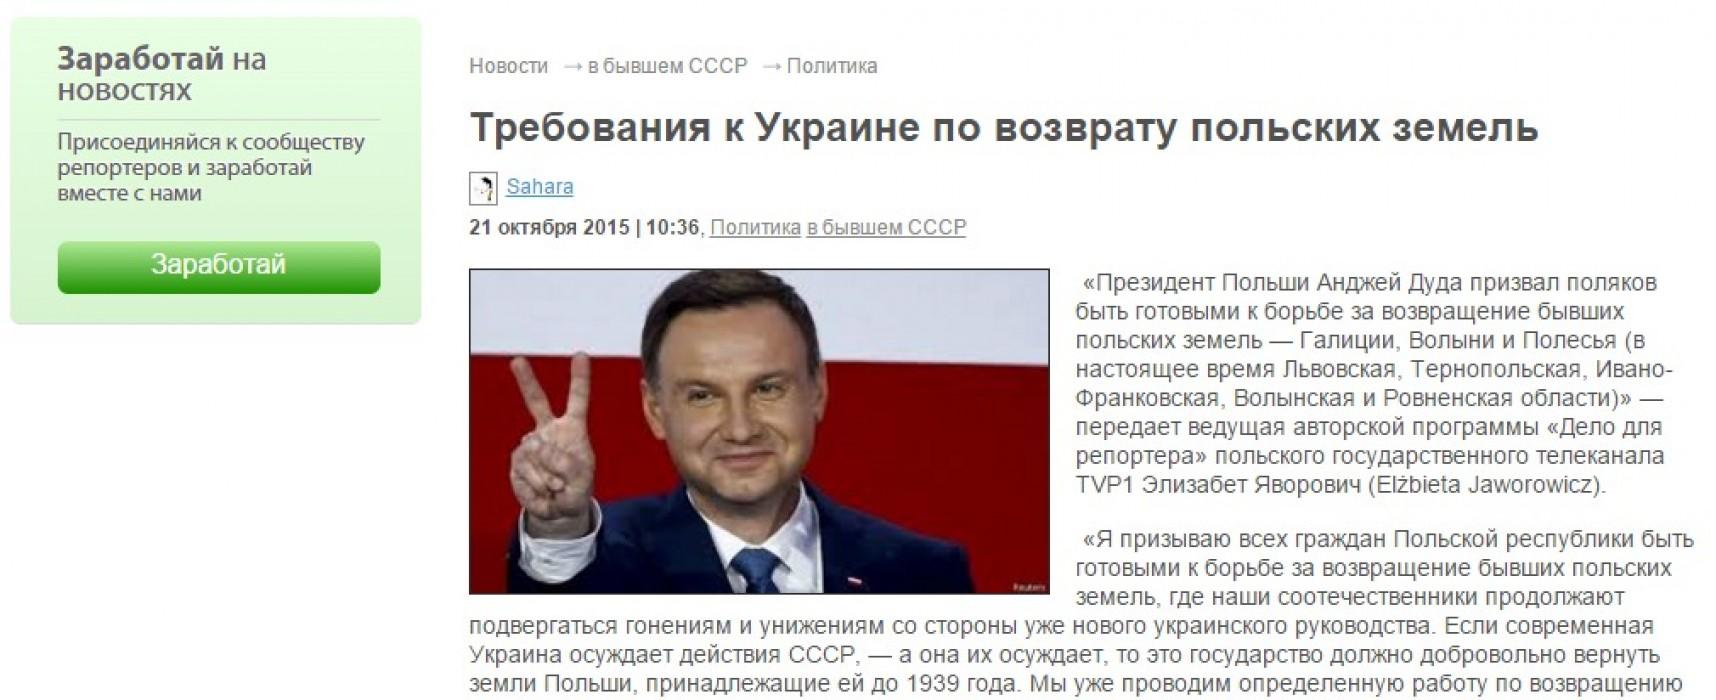 La prensa prorusa inventó la cita del presidente de Polonia sobre la recuperación de las tierras ucranianas